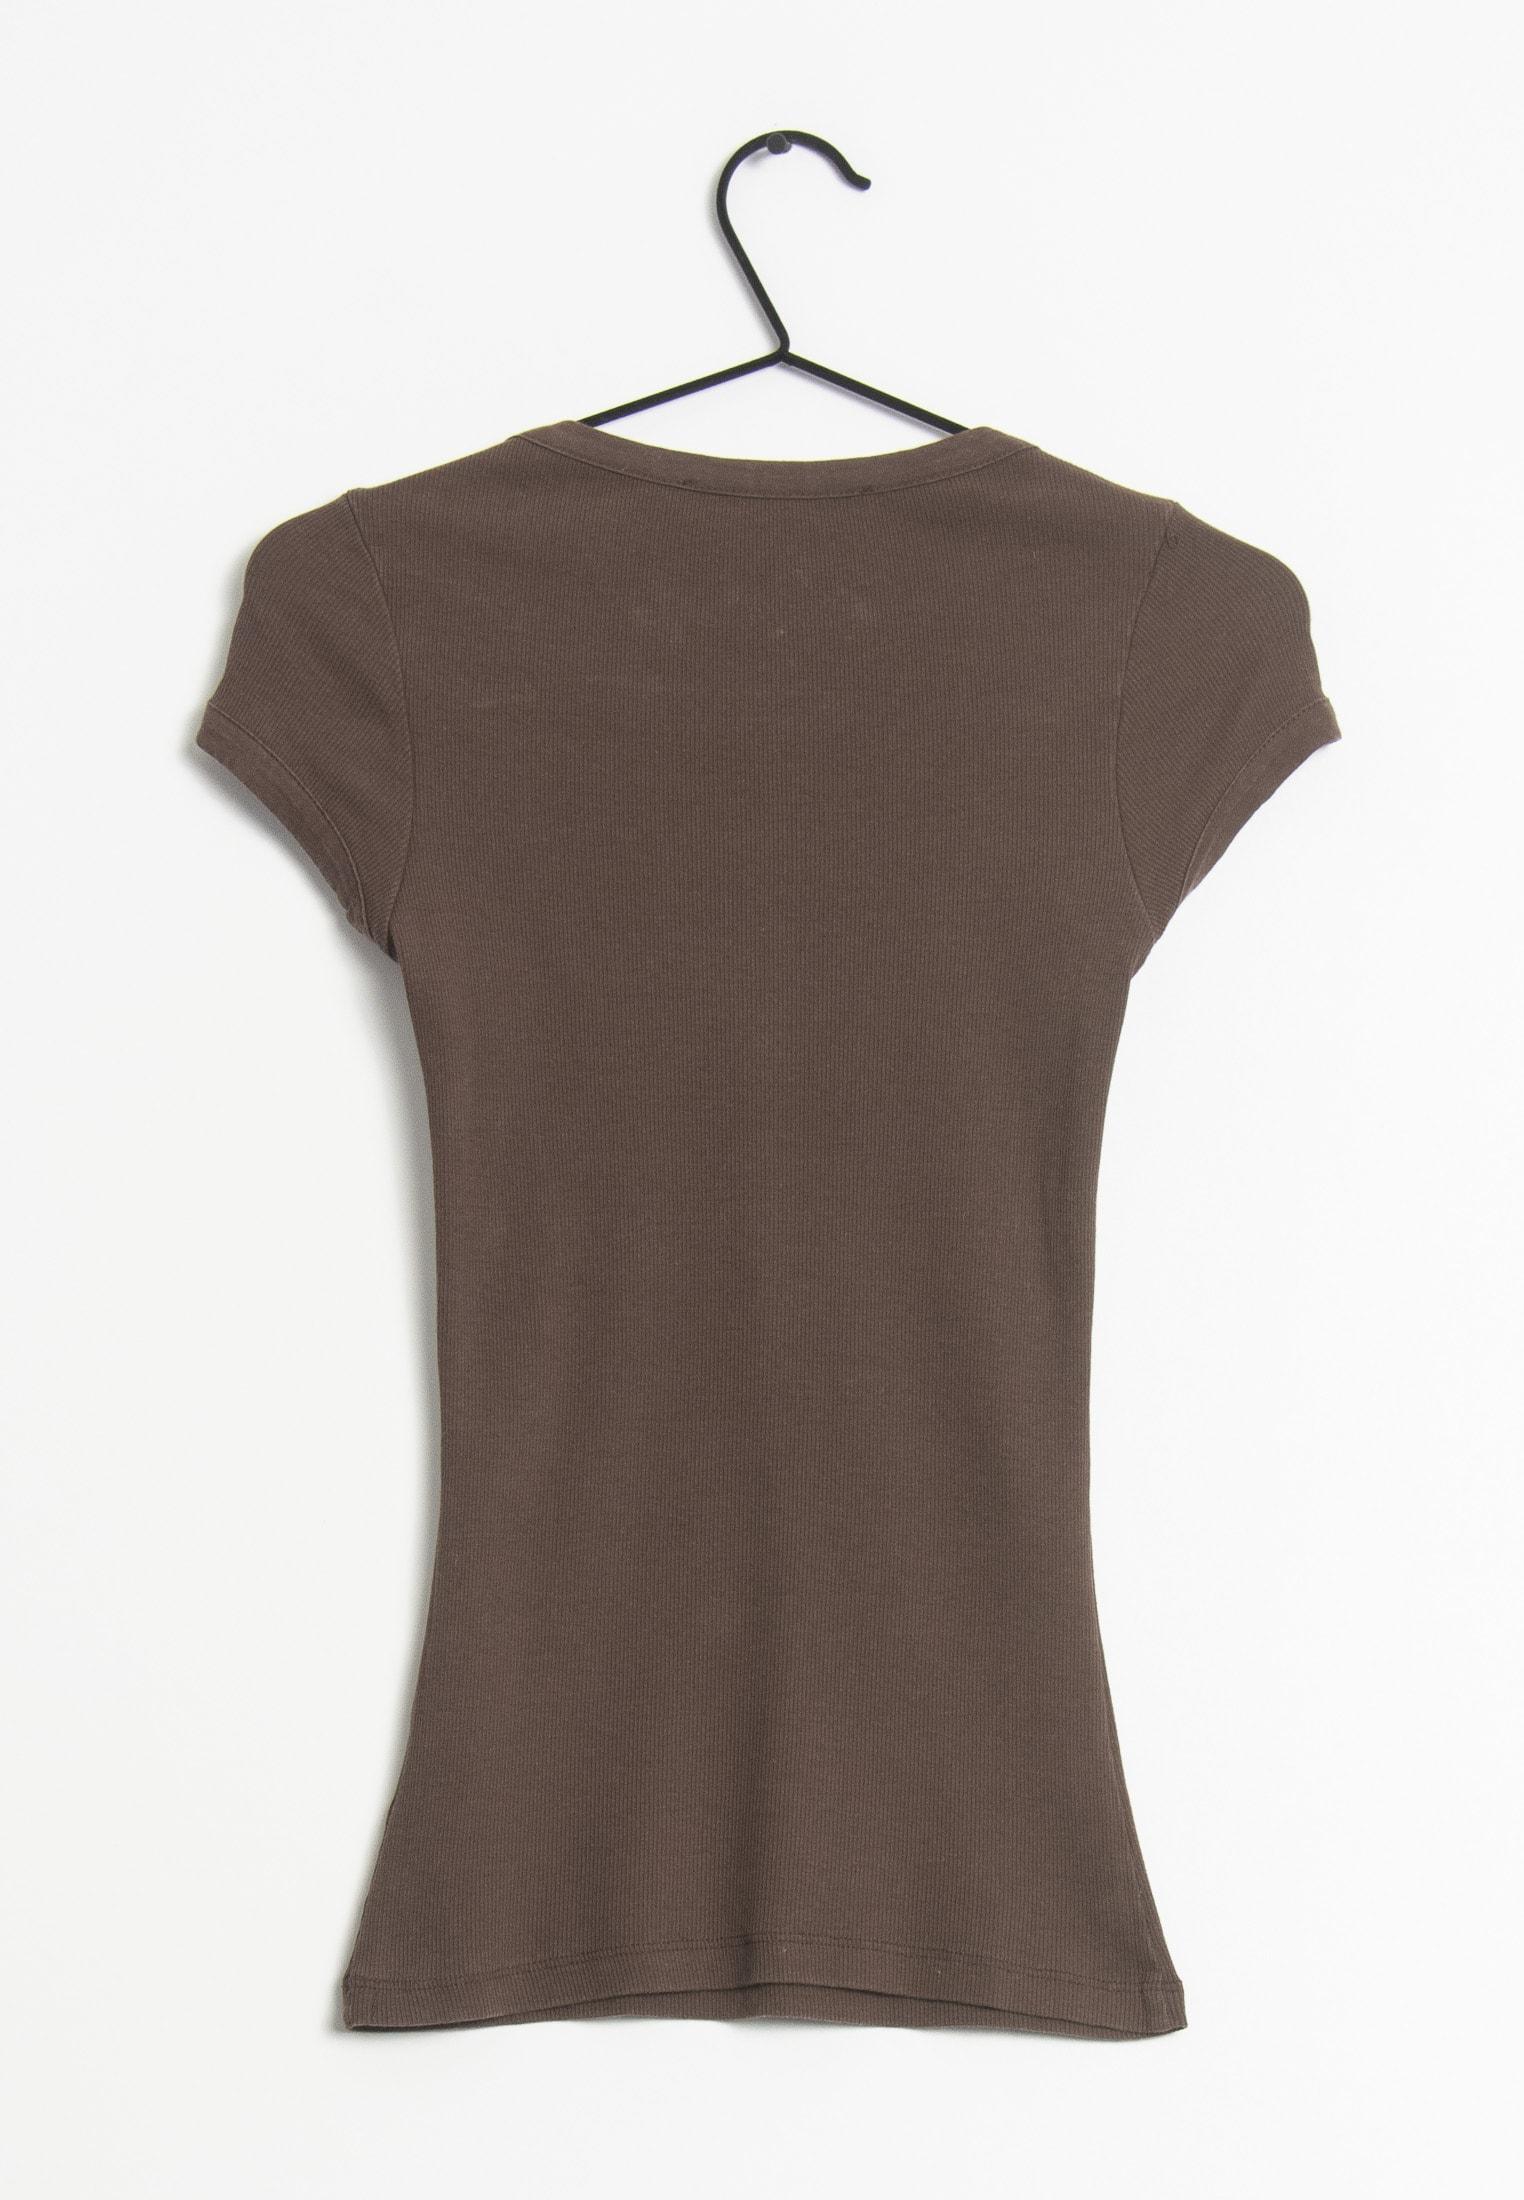 HALLHUBER T-Shirt Braun Gr.XS